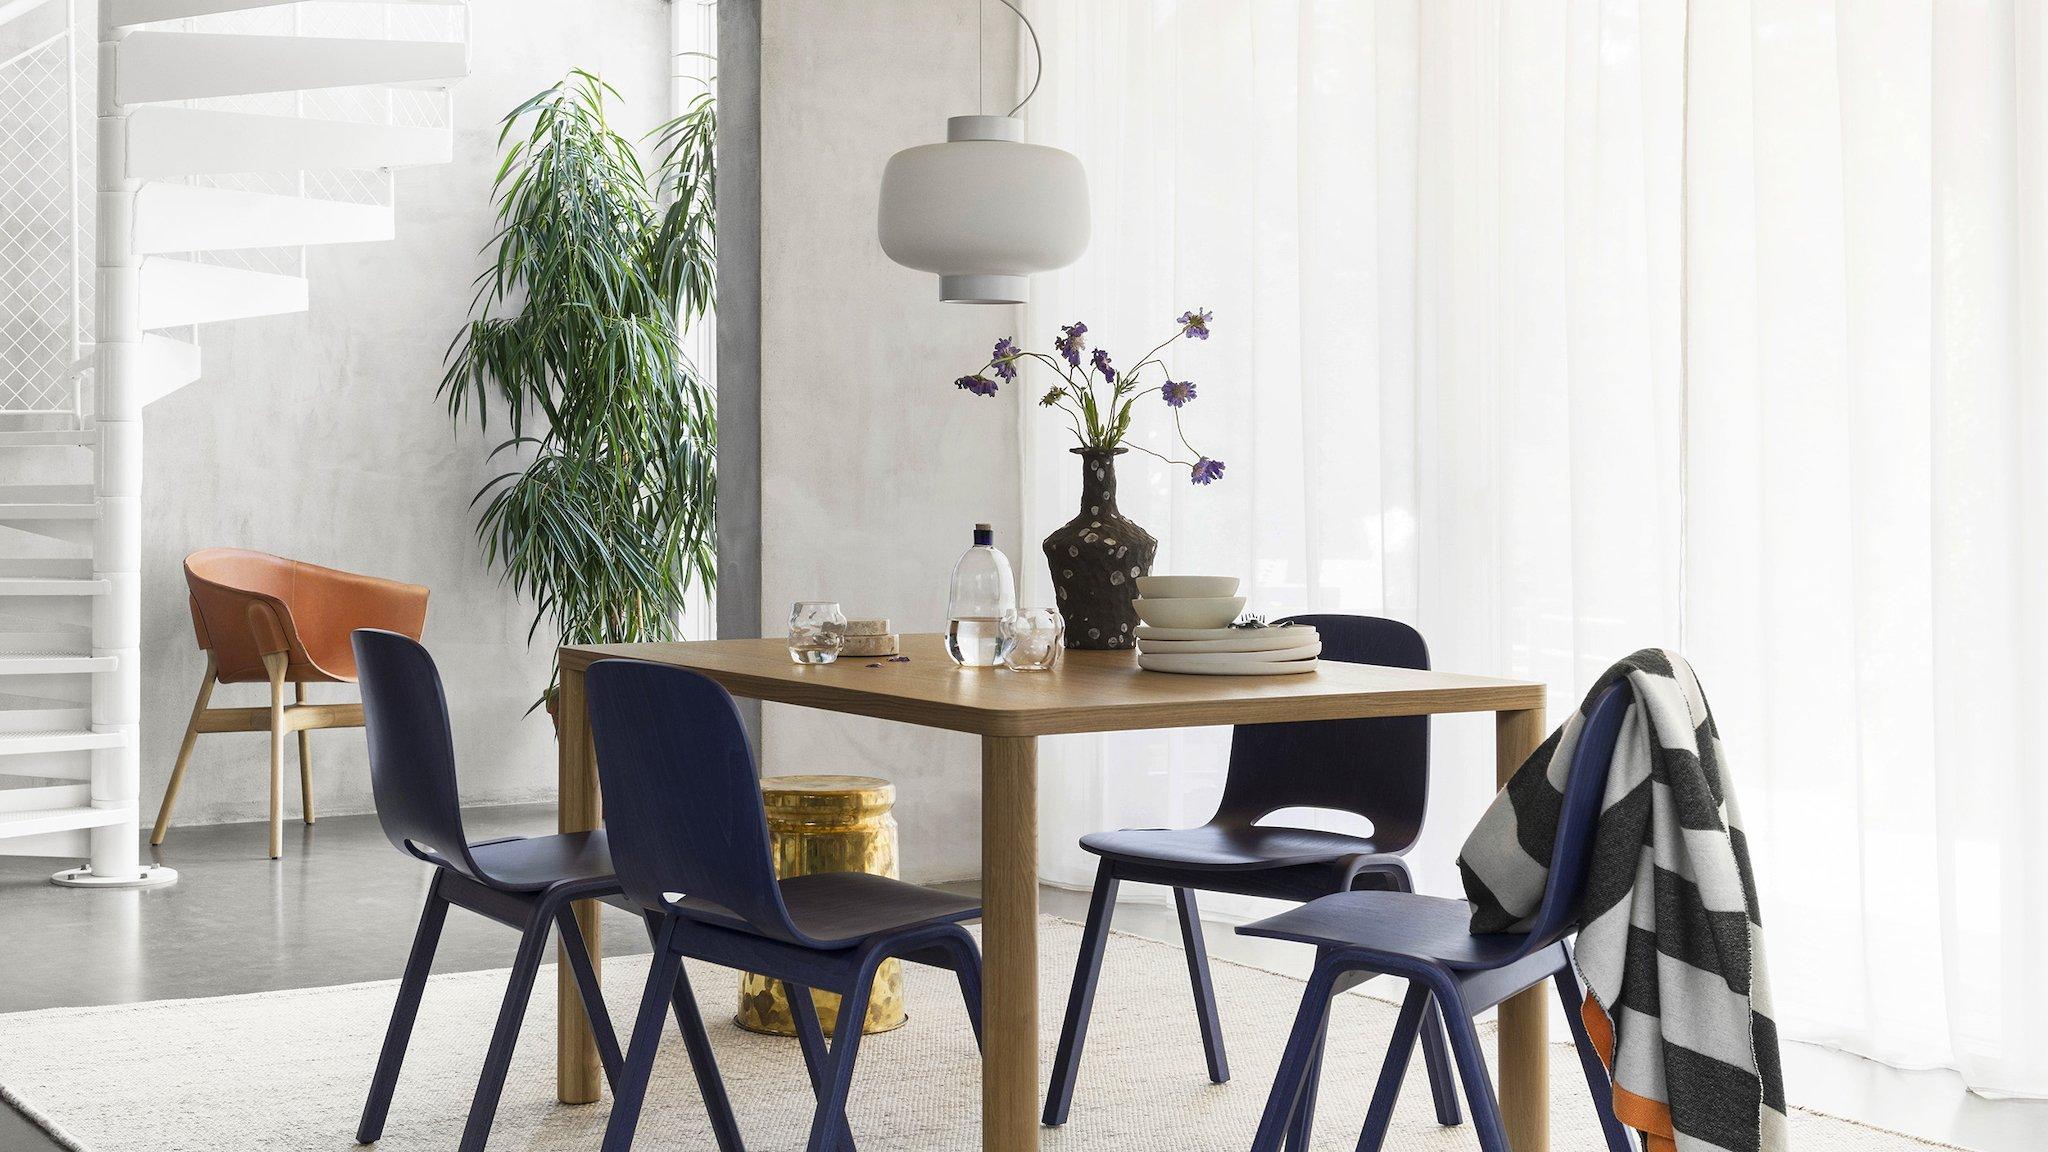 Best Showrooms to Admire at Stockholm Design Week Hem Furniture - Dining Table Hem Furniture Best Showrooms to Admire at Stockholm Design Week 2019: Hem Furniture Best Showrooms to Admire at Stockholm Design Week Hem Dining Table